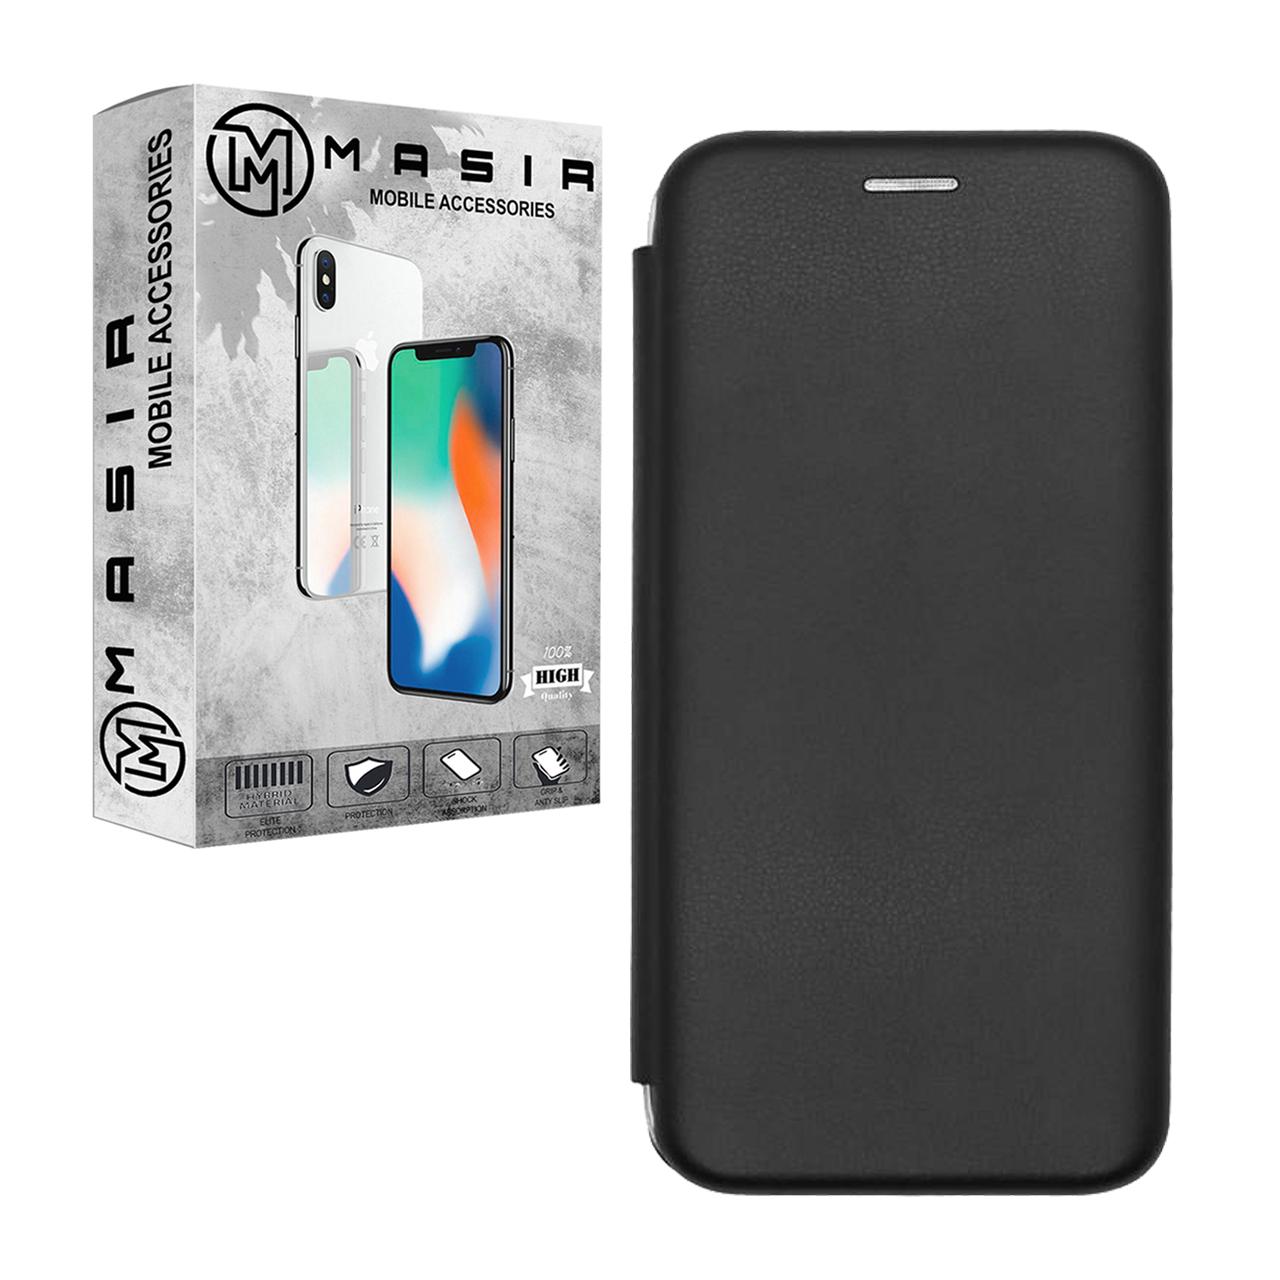 کیف کلاسوری مسیر مدل MMGNT-1 مناسب برای گوشی موبایل سامسونگ Galaxy S10 Plus